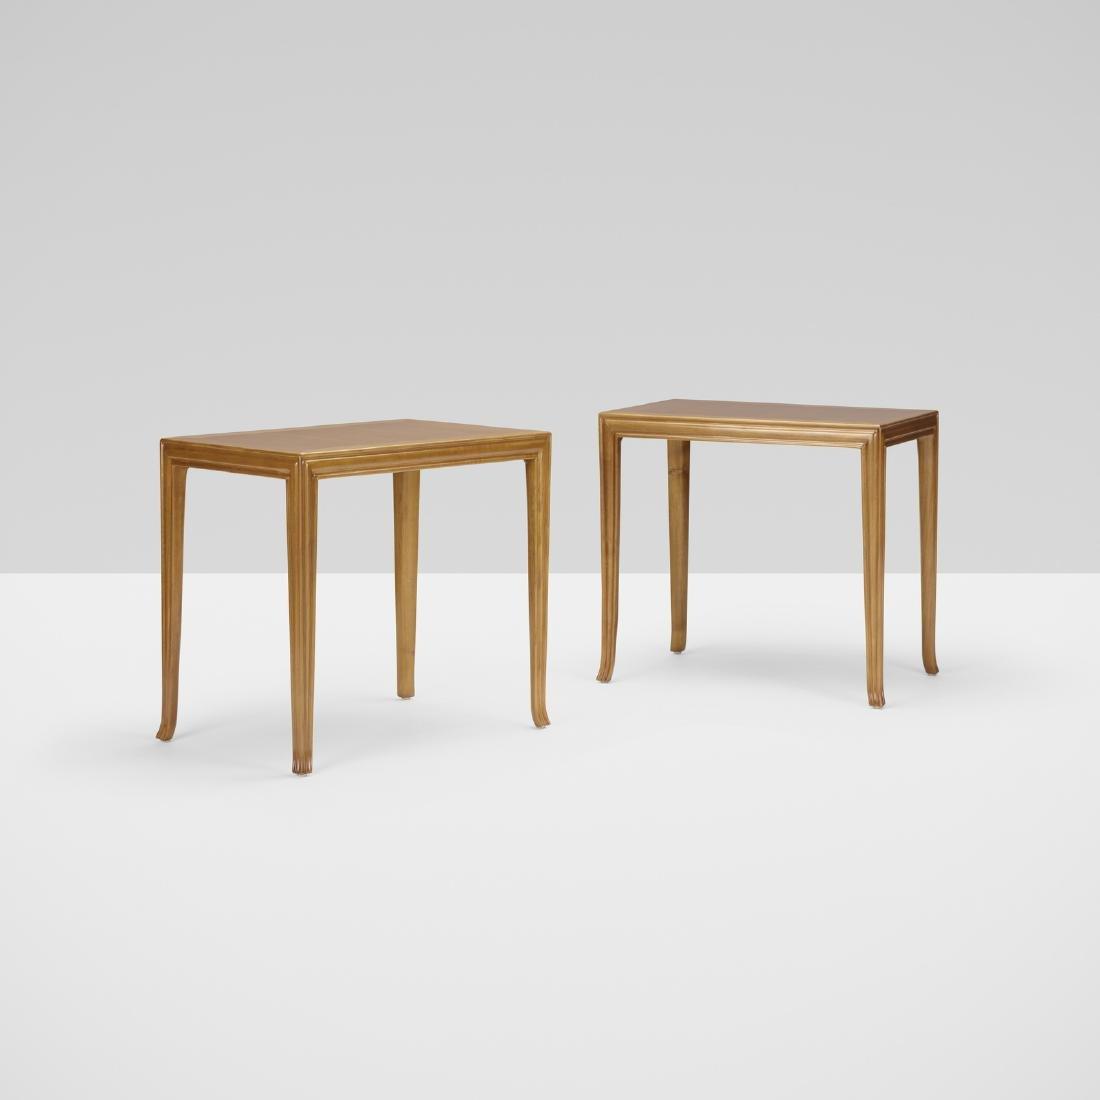 T.H. Robsjohn-Gibbings, Custom occasional tables, pair